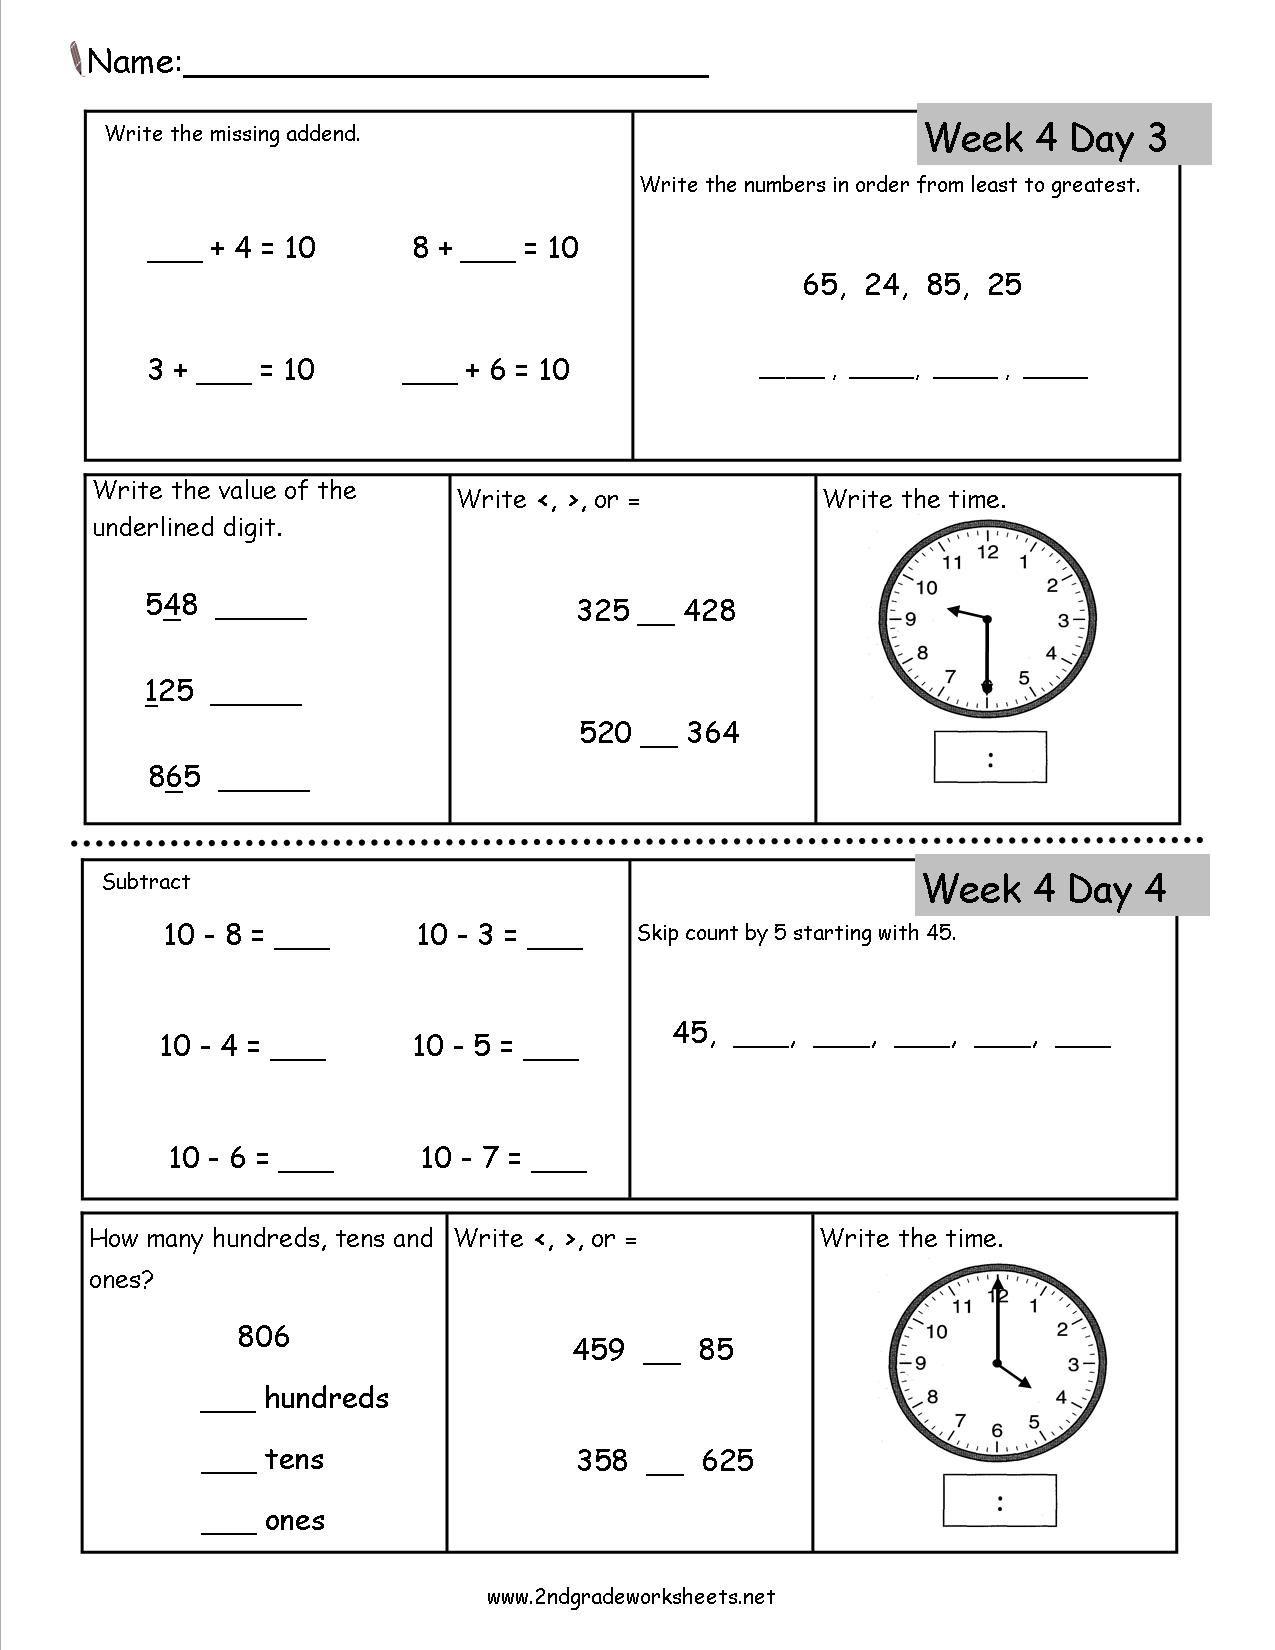 daily 2nd grade math worksheets - spiral | Kids Math Grade 2 Review ...